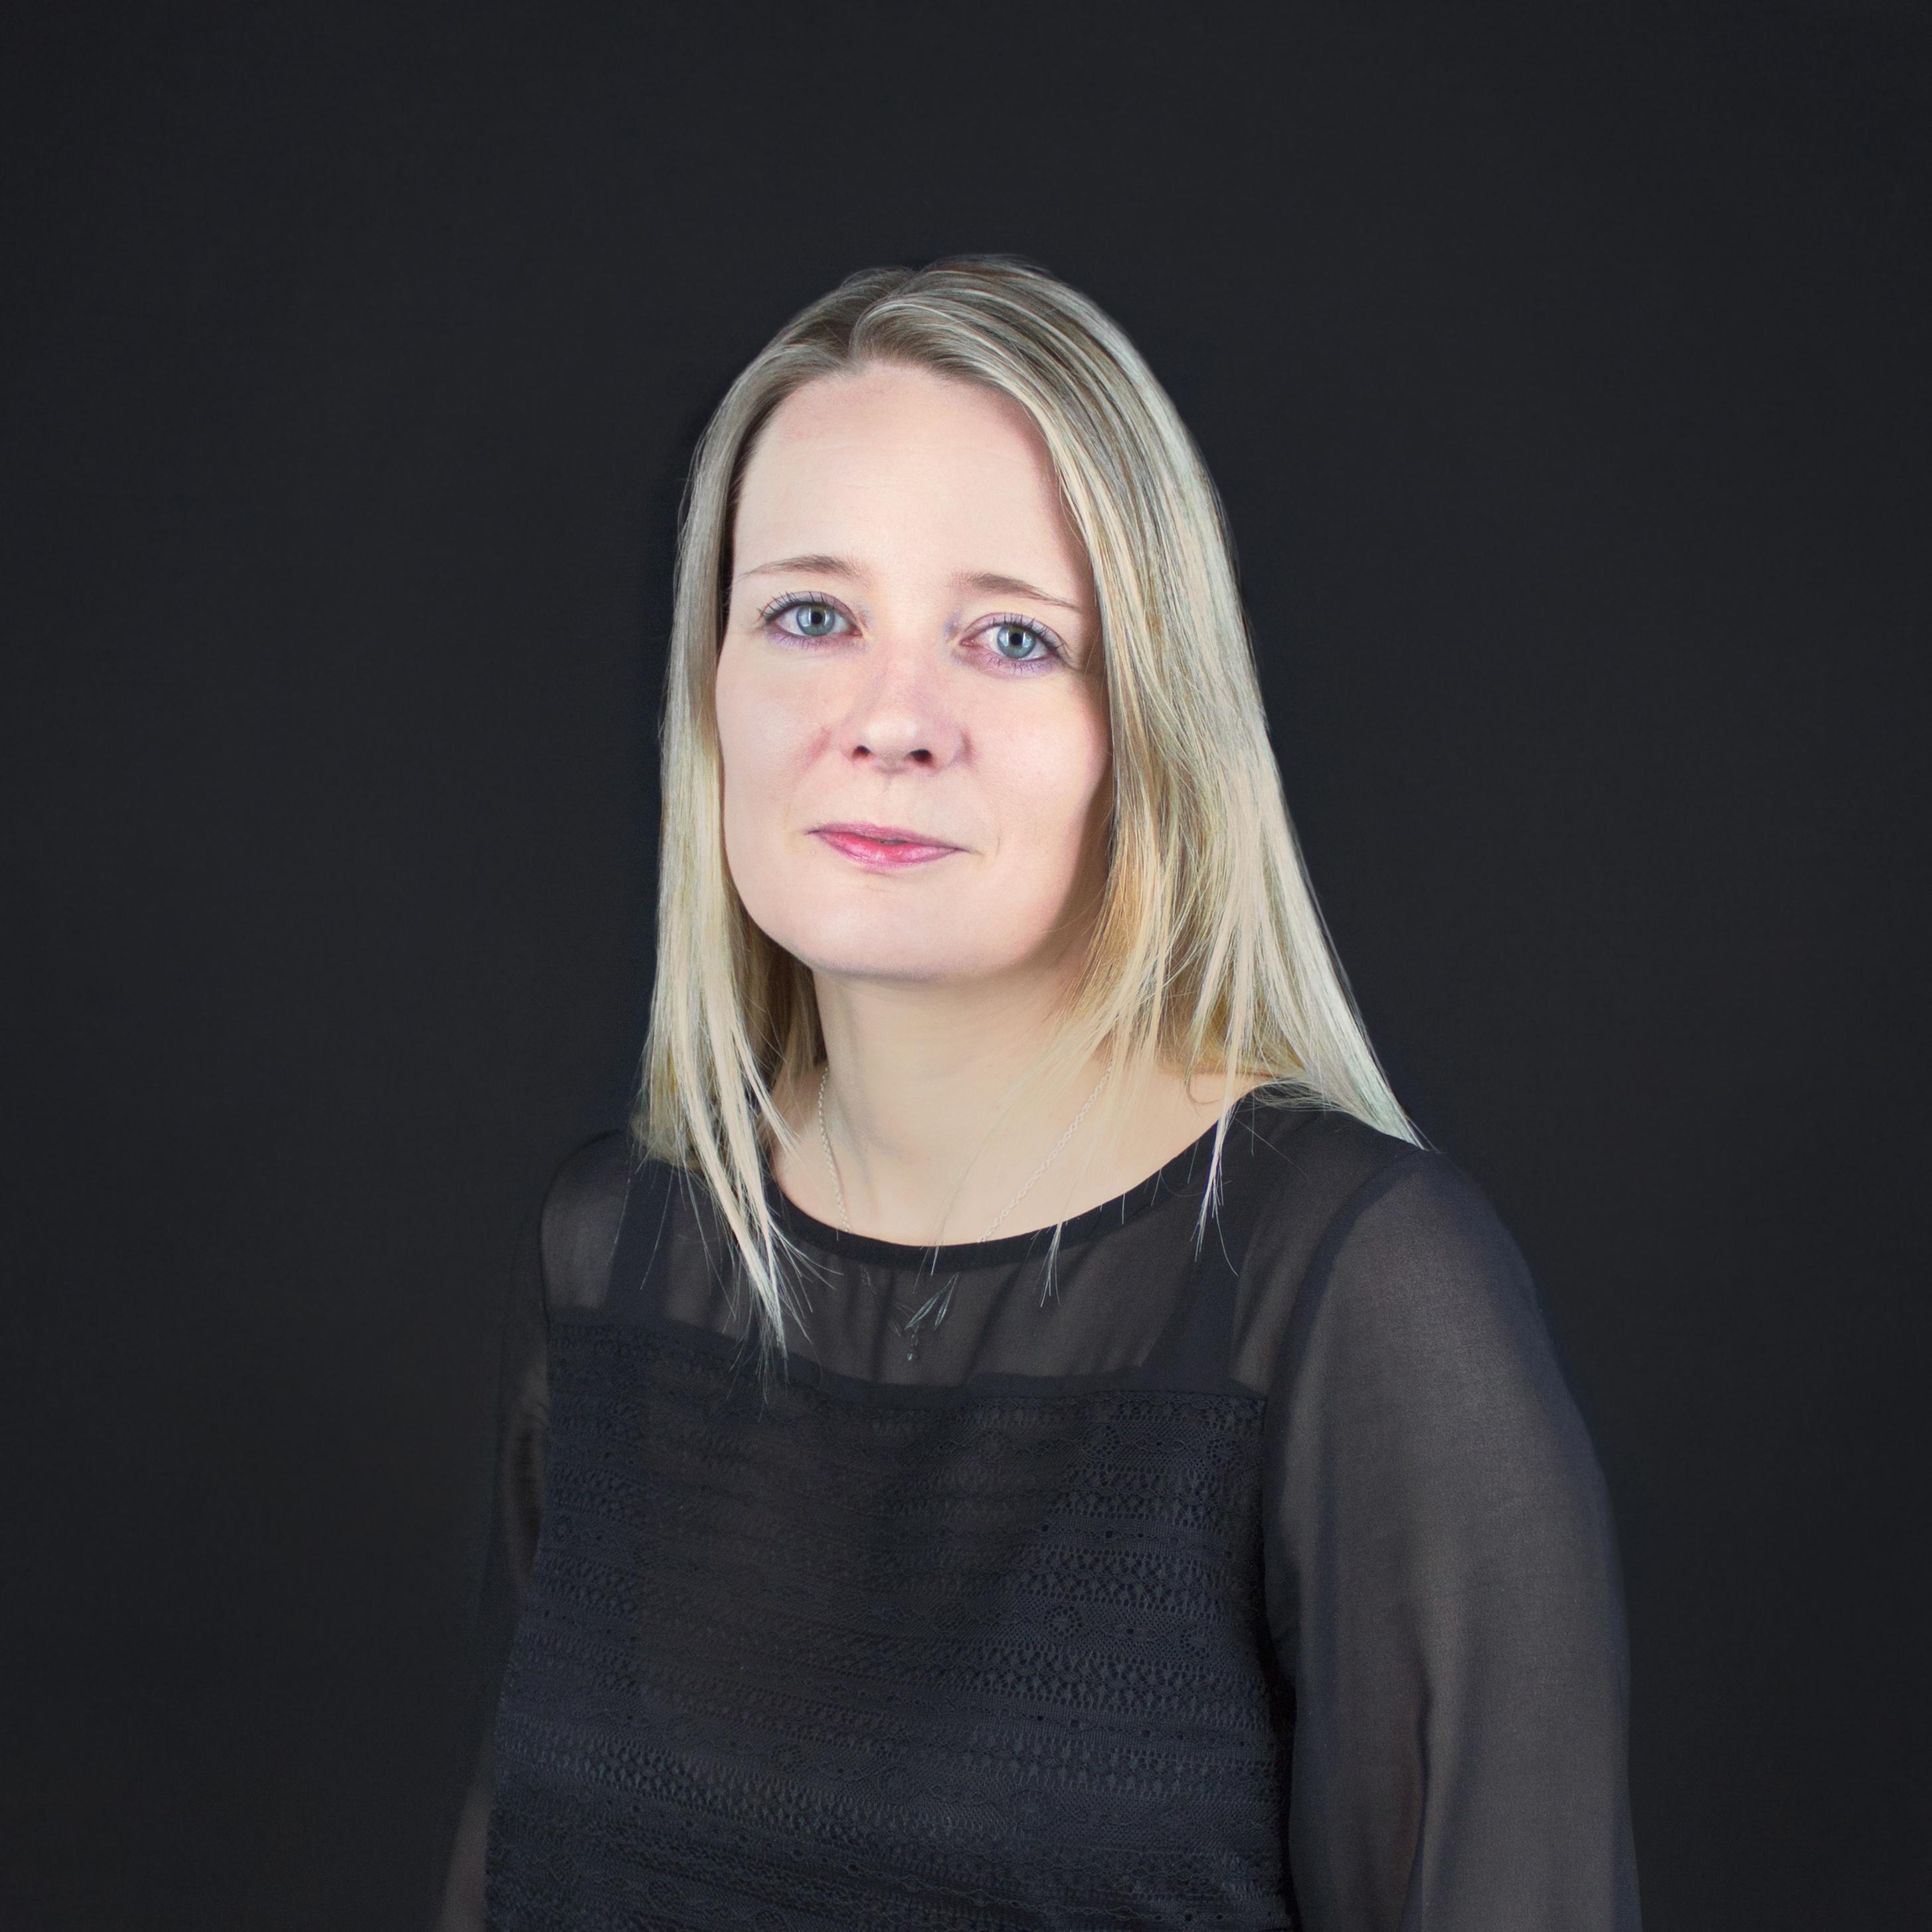 Johanna Vuohelainen